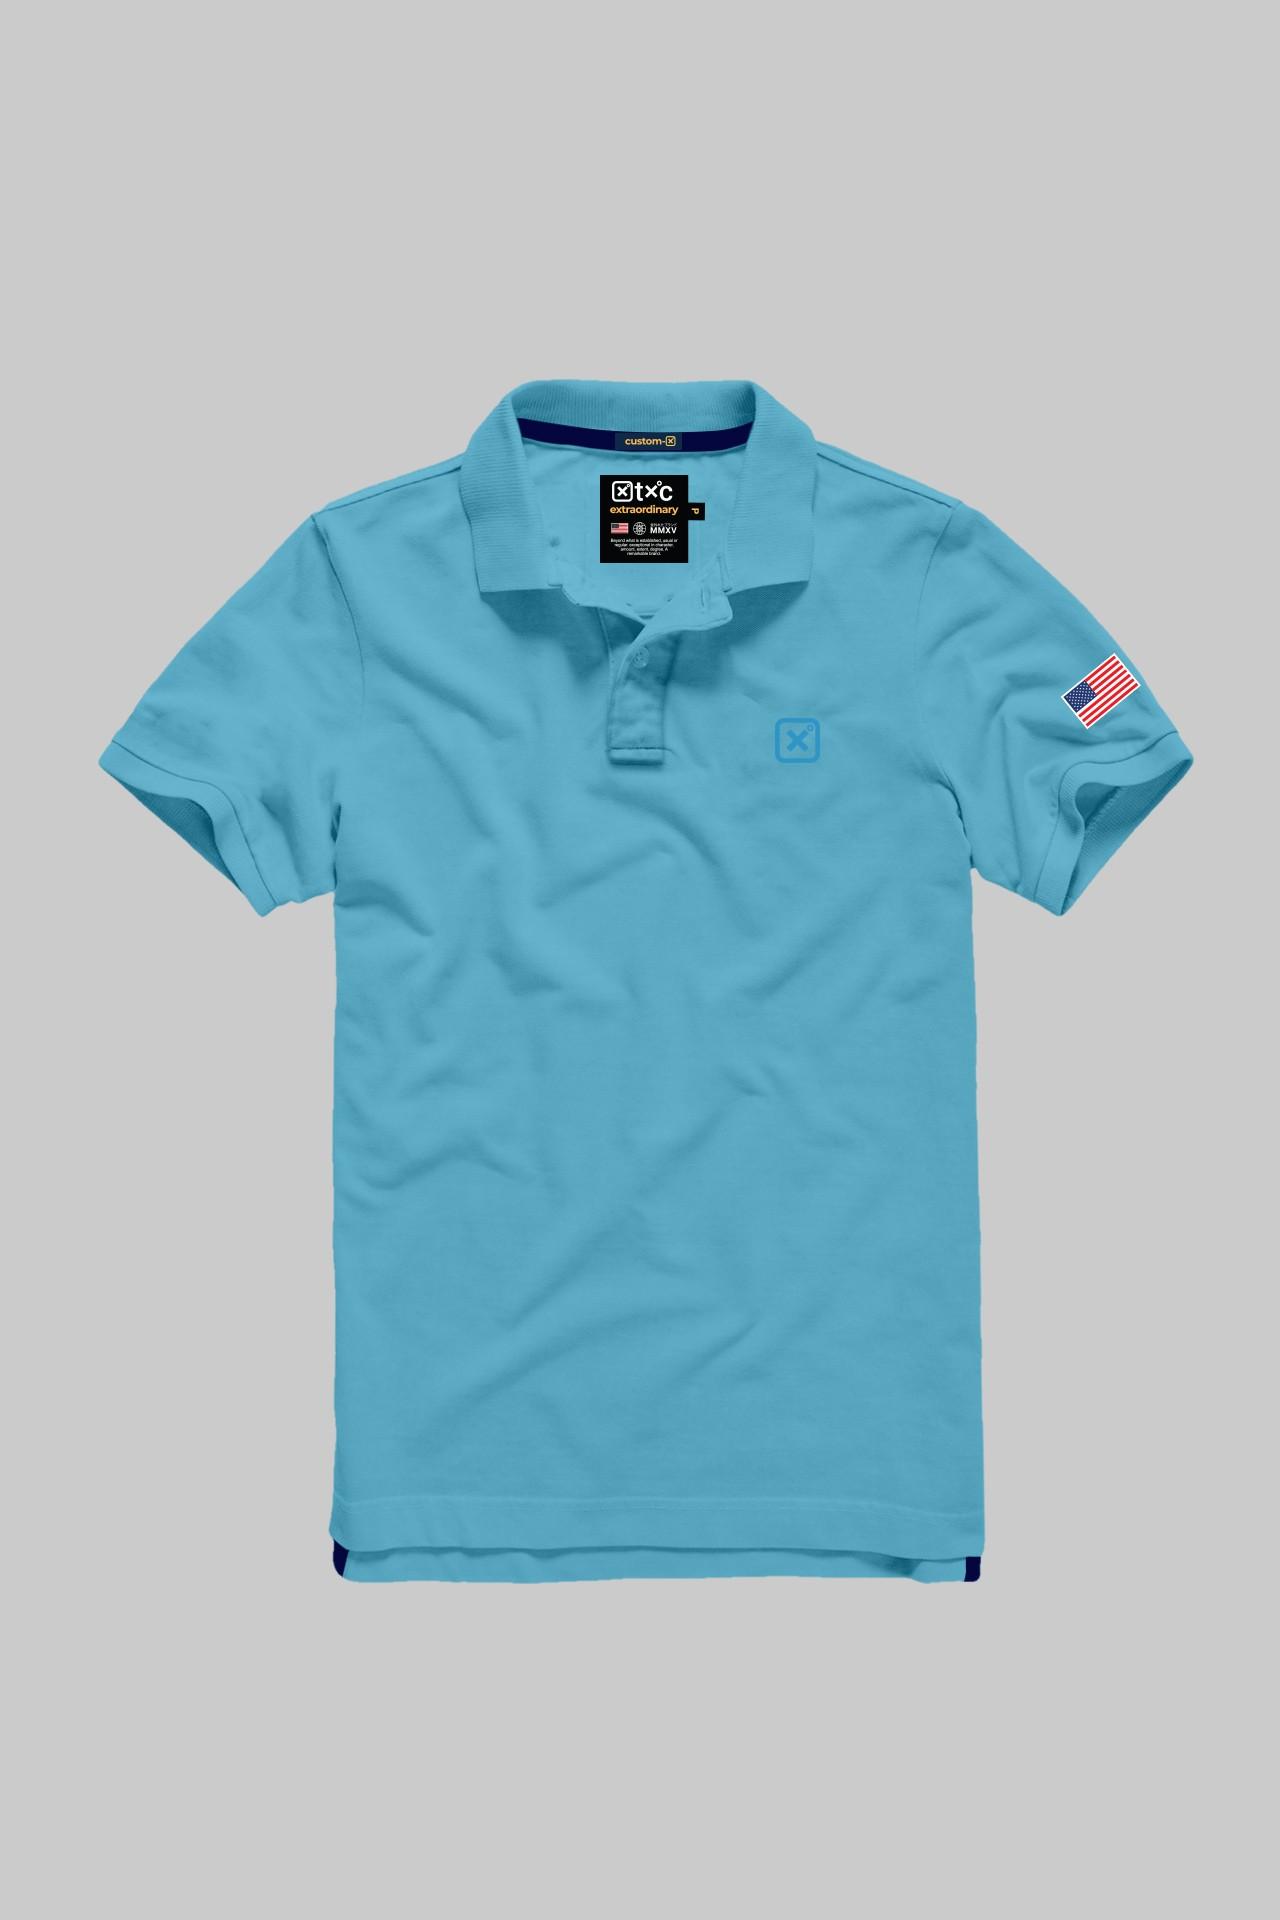 Polo TXC Brand 6355